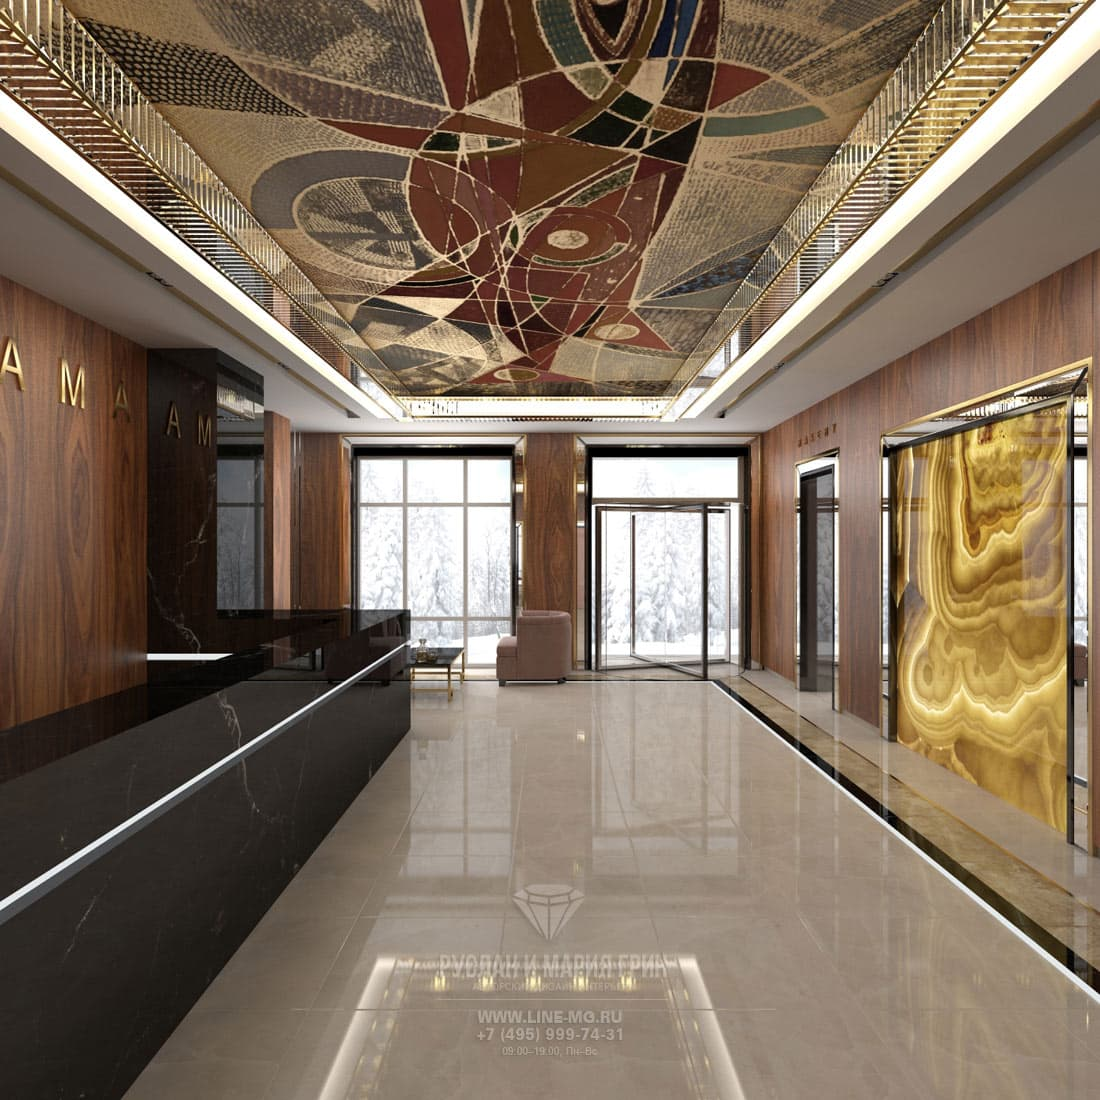 Дизайн холла гостиницы. Фото